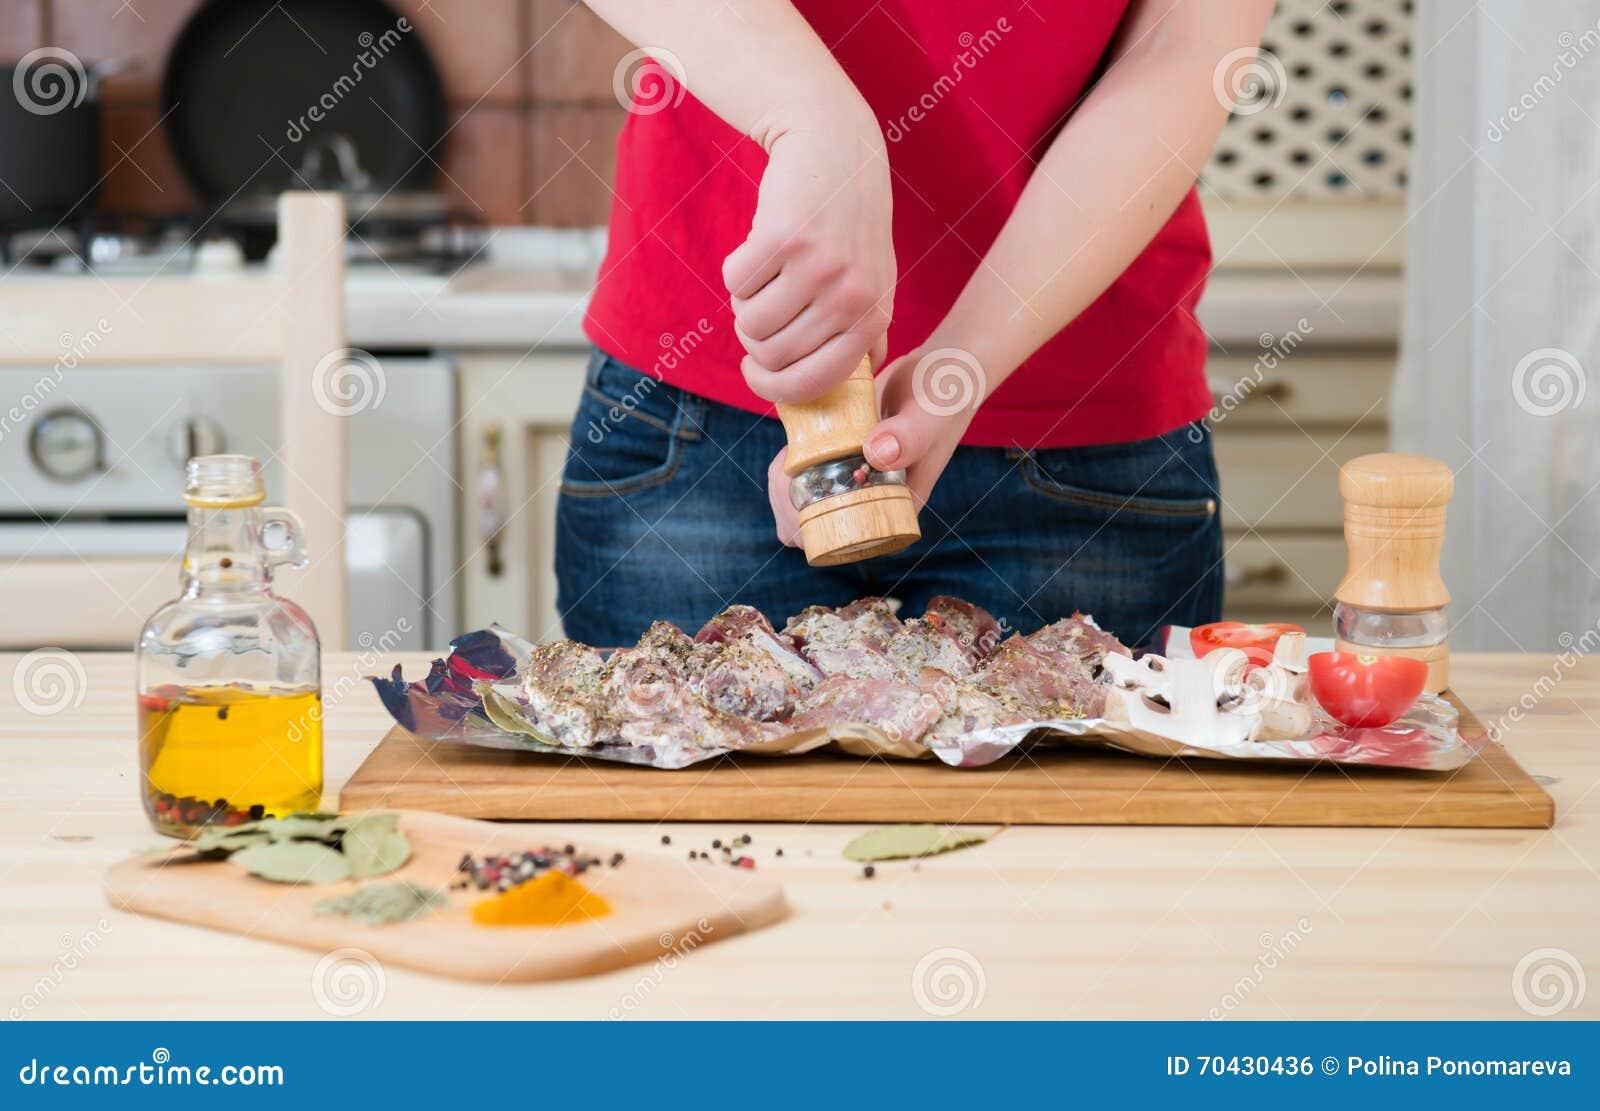 Het vlees van de meisjespeper op een lijstkruiden en groenten De handen van de vrouw